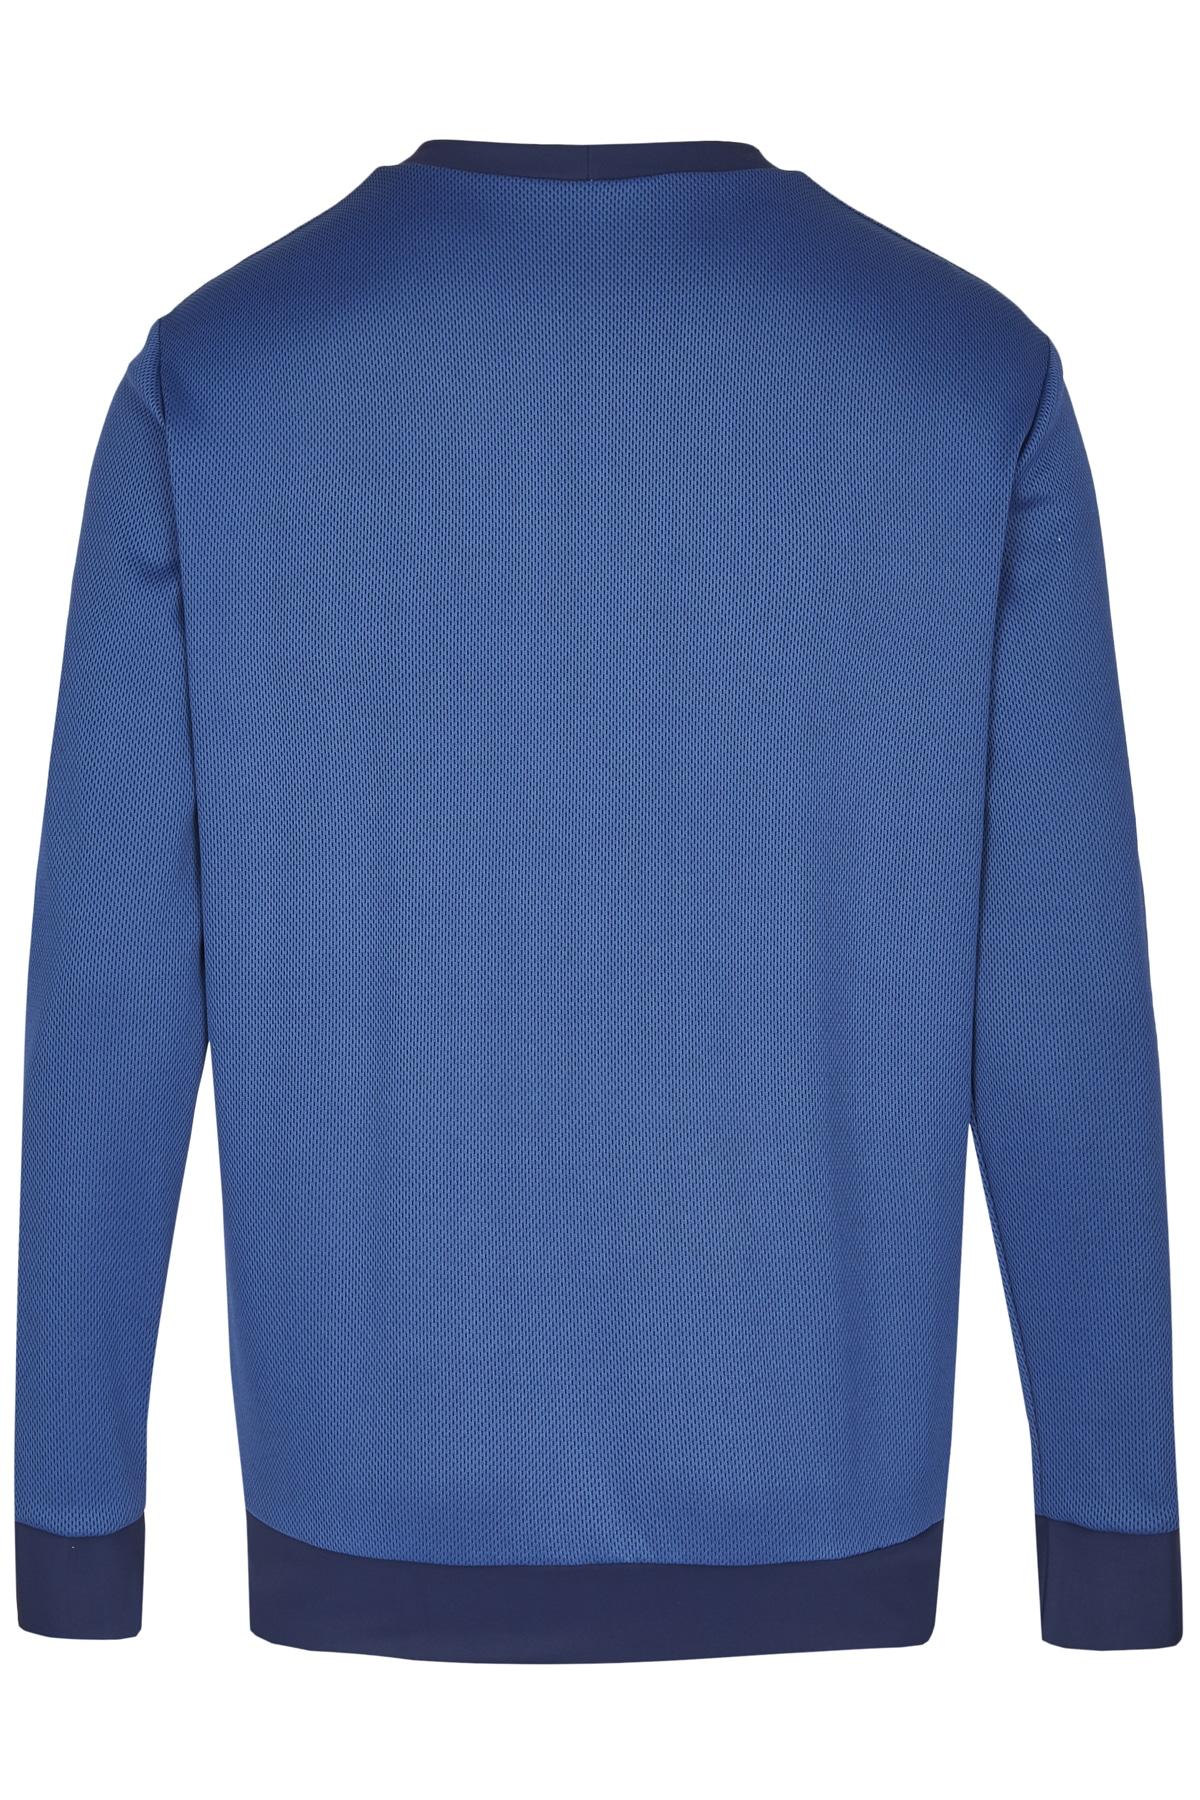 Sweatshirt_blau_mesh_2